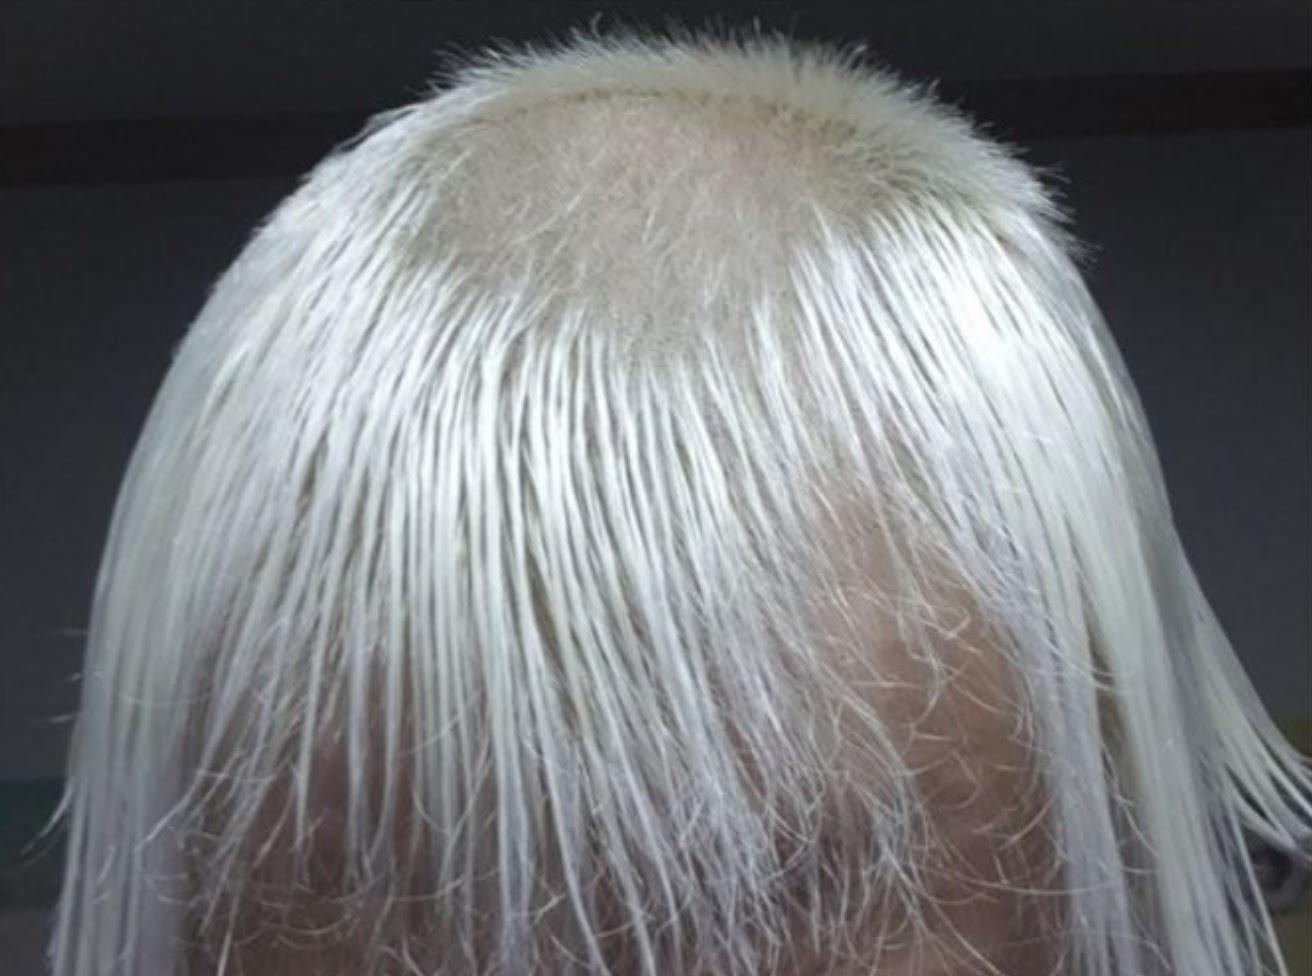 hair9 bald